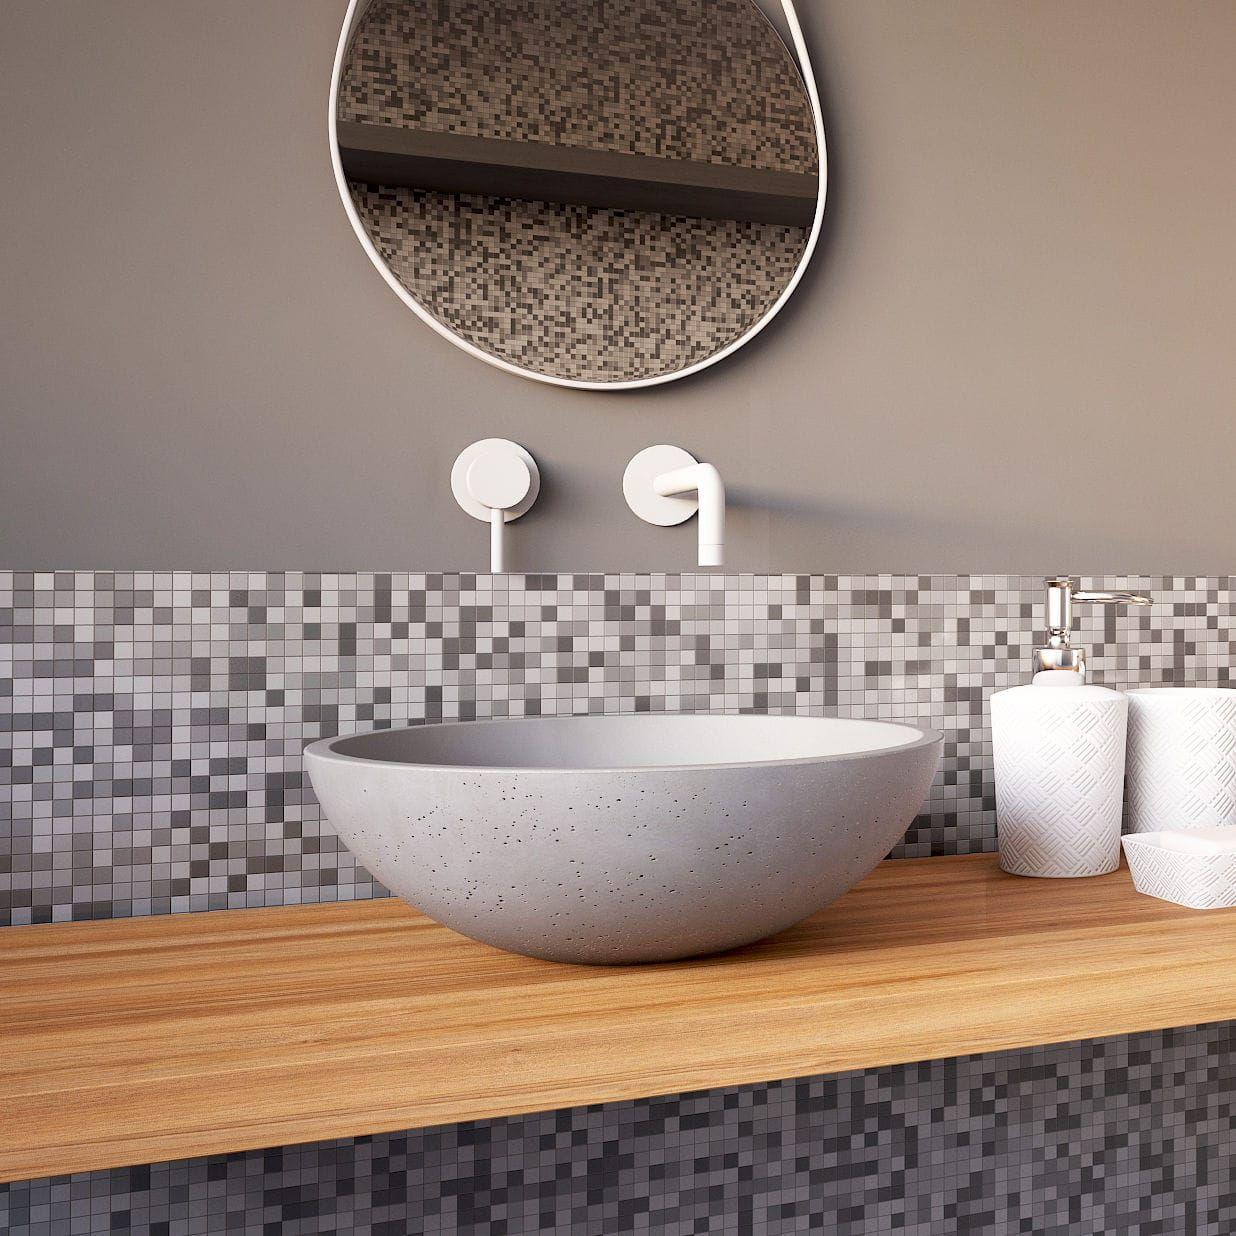 Aufsatzwaschbecken Rund Aus Beton Modern Circum 40 Urbi Et